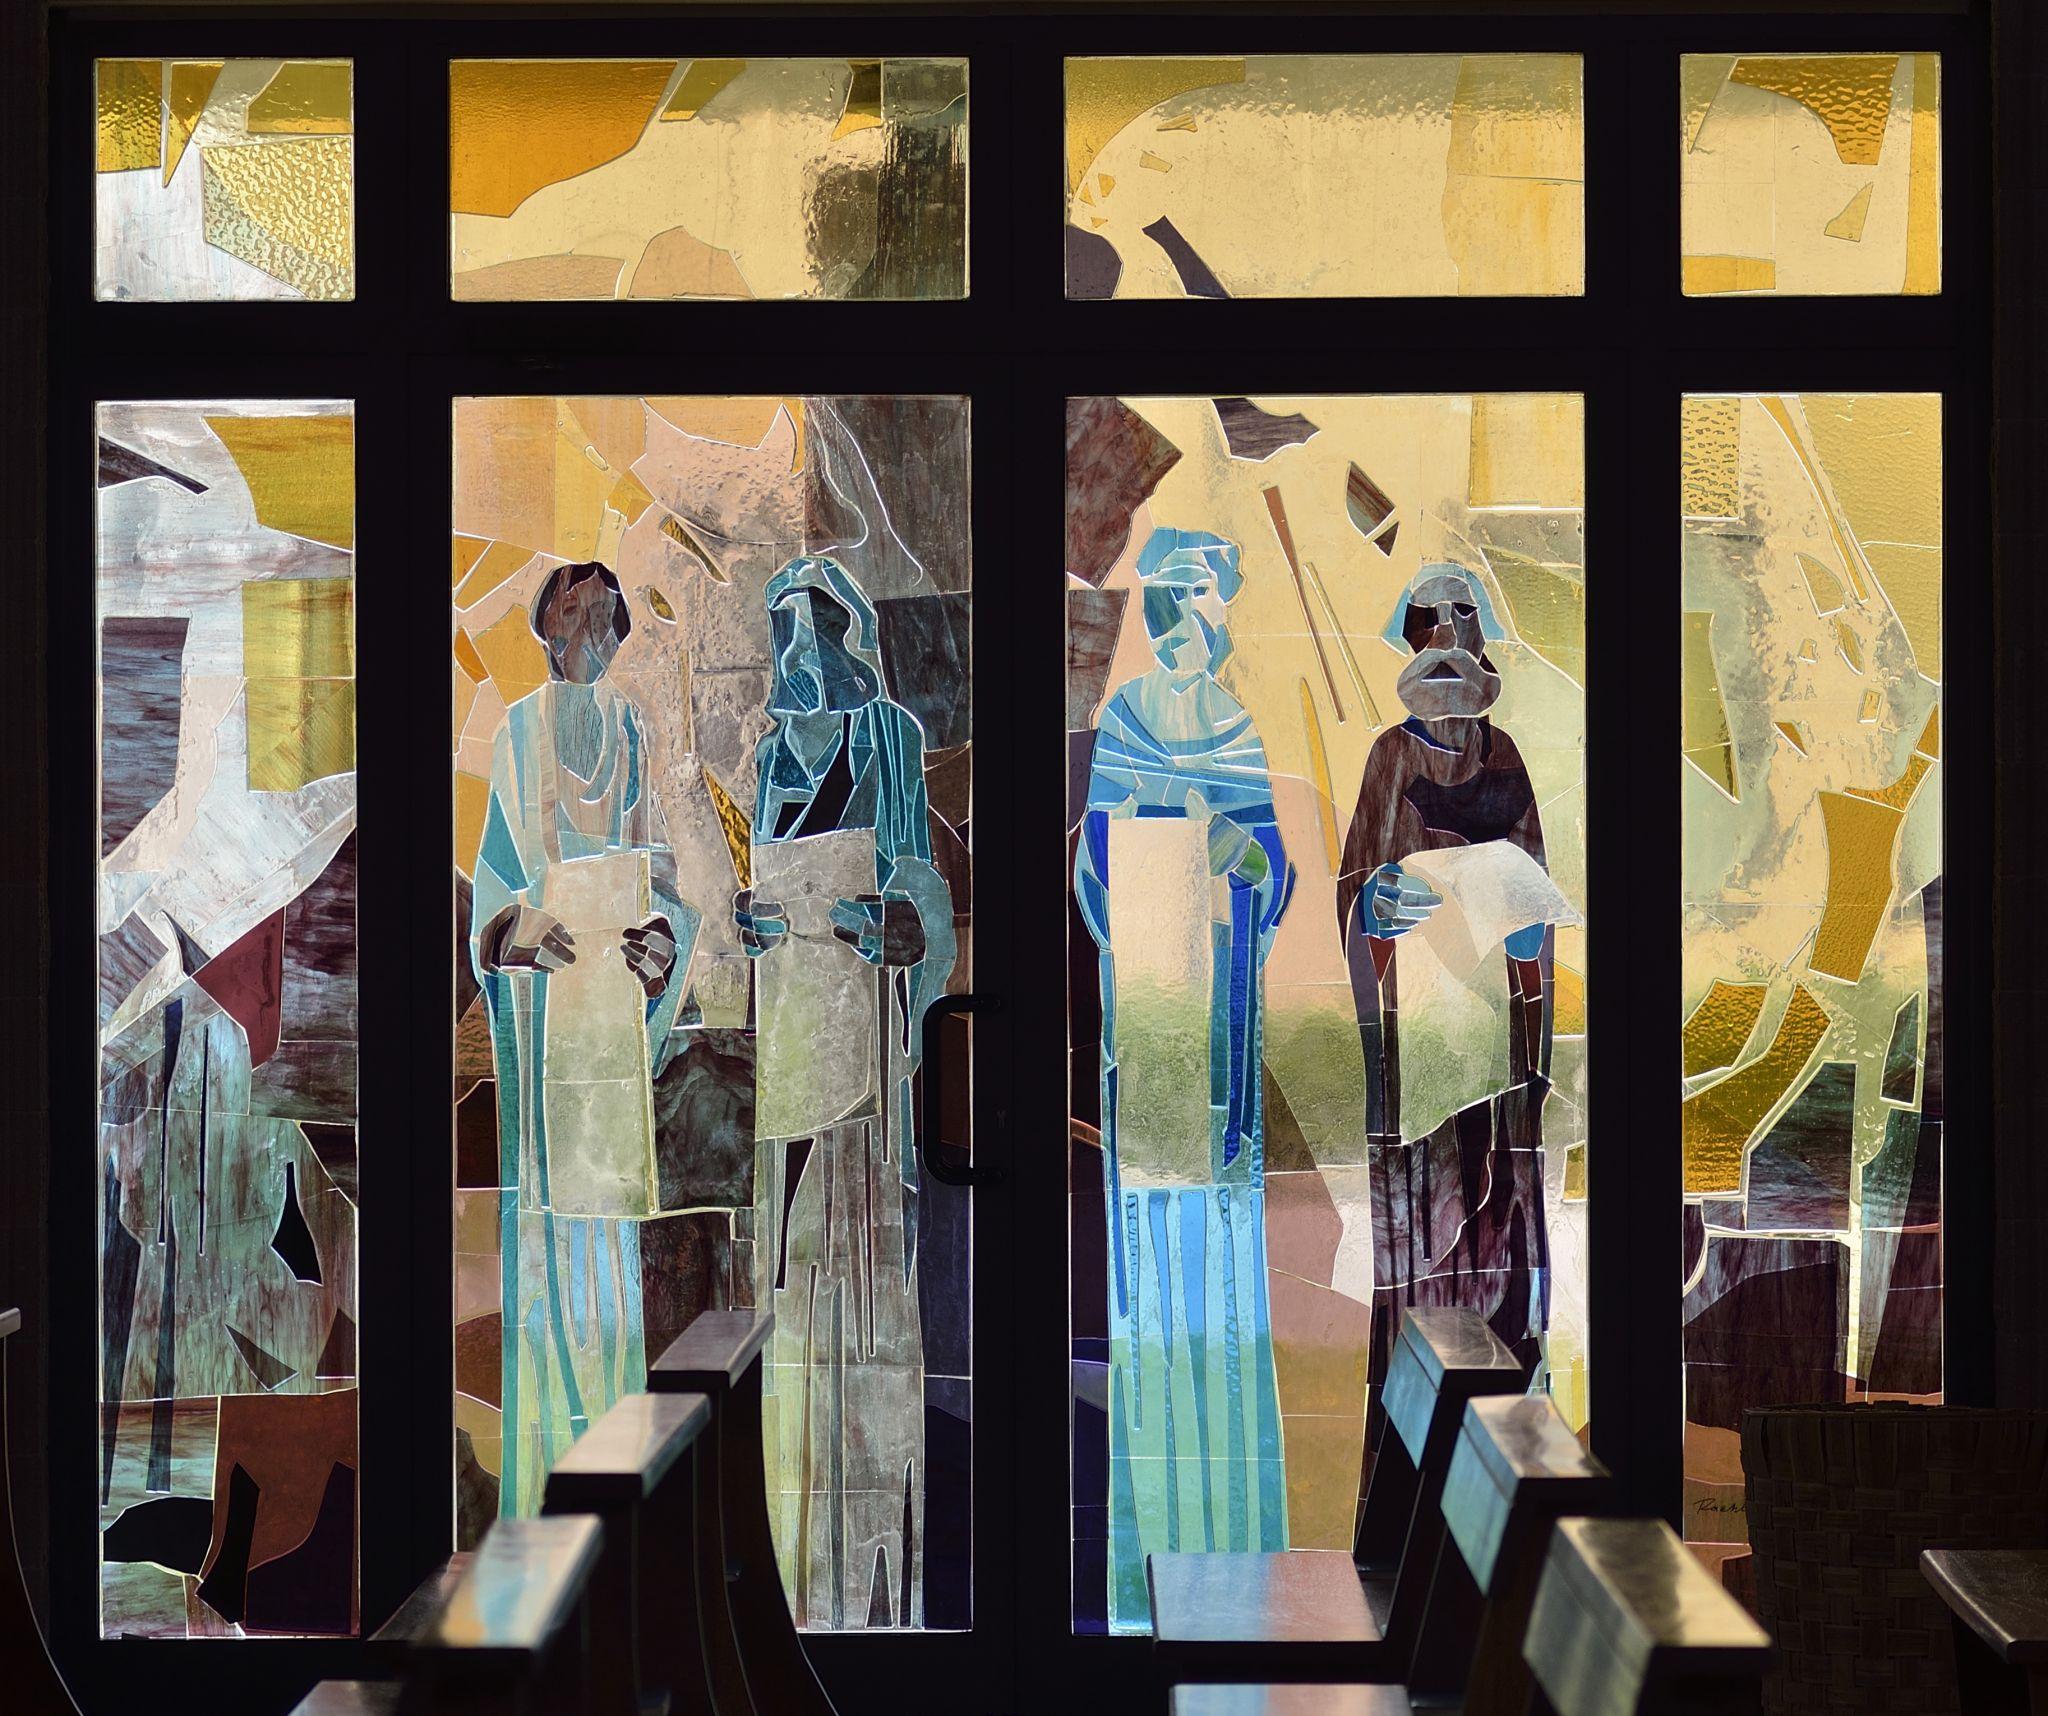 Vetrate Artistiche Fiorentine Arte Sacra Collage